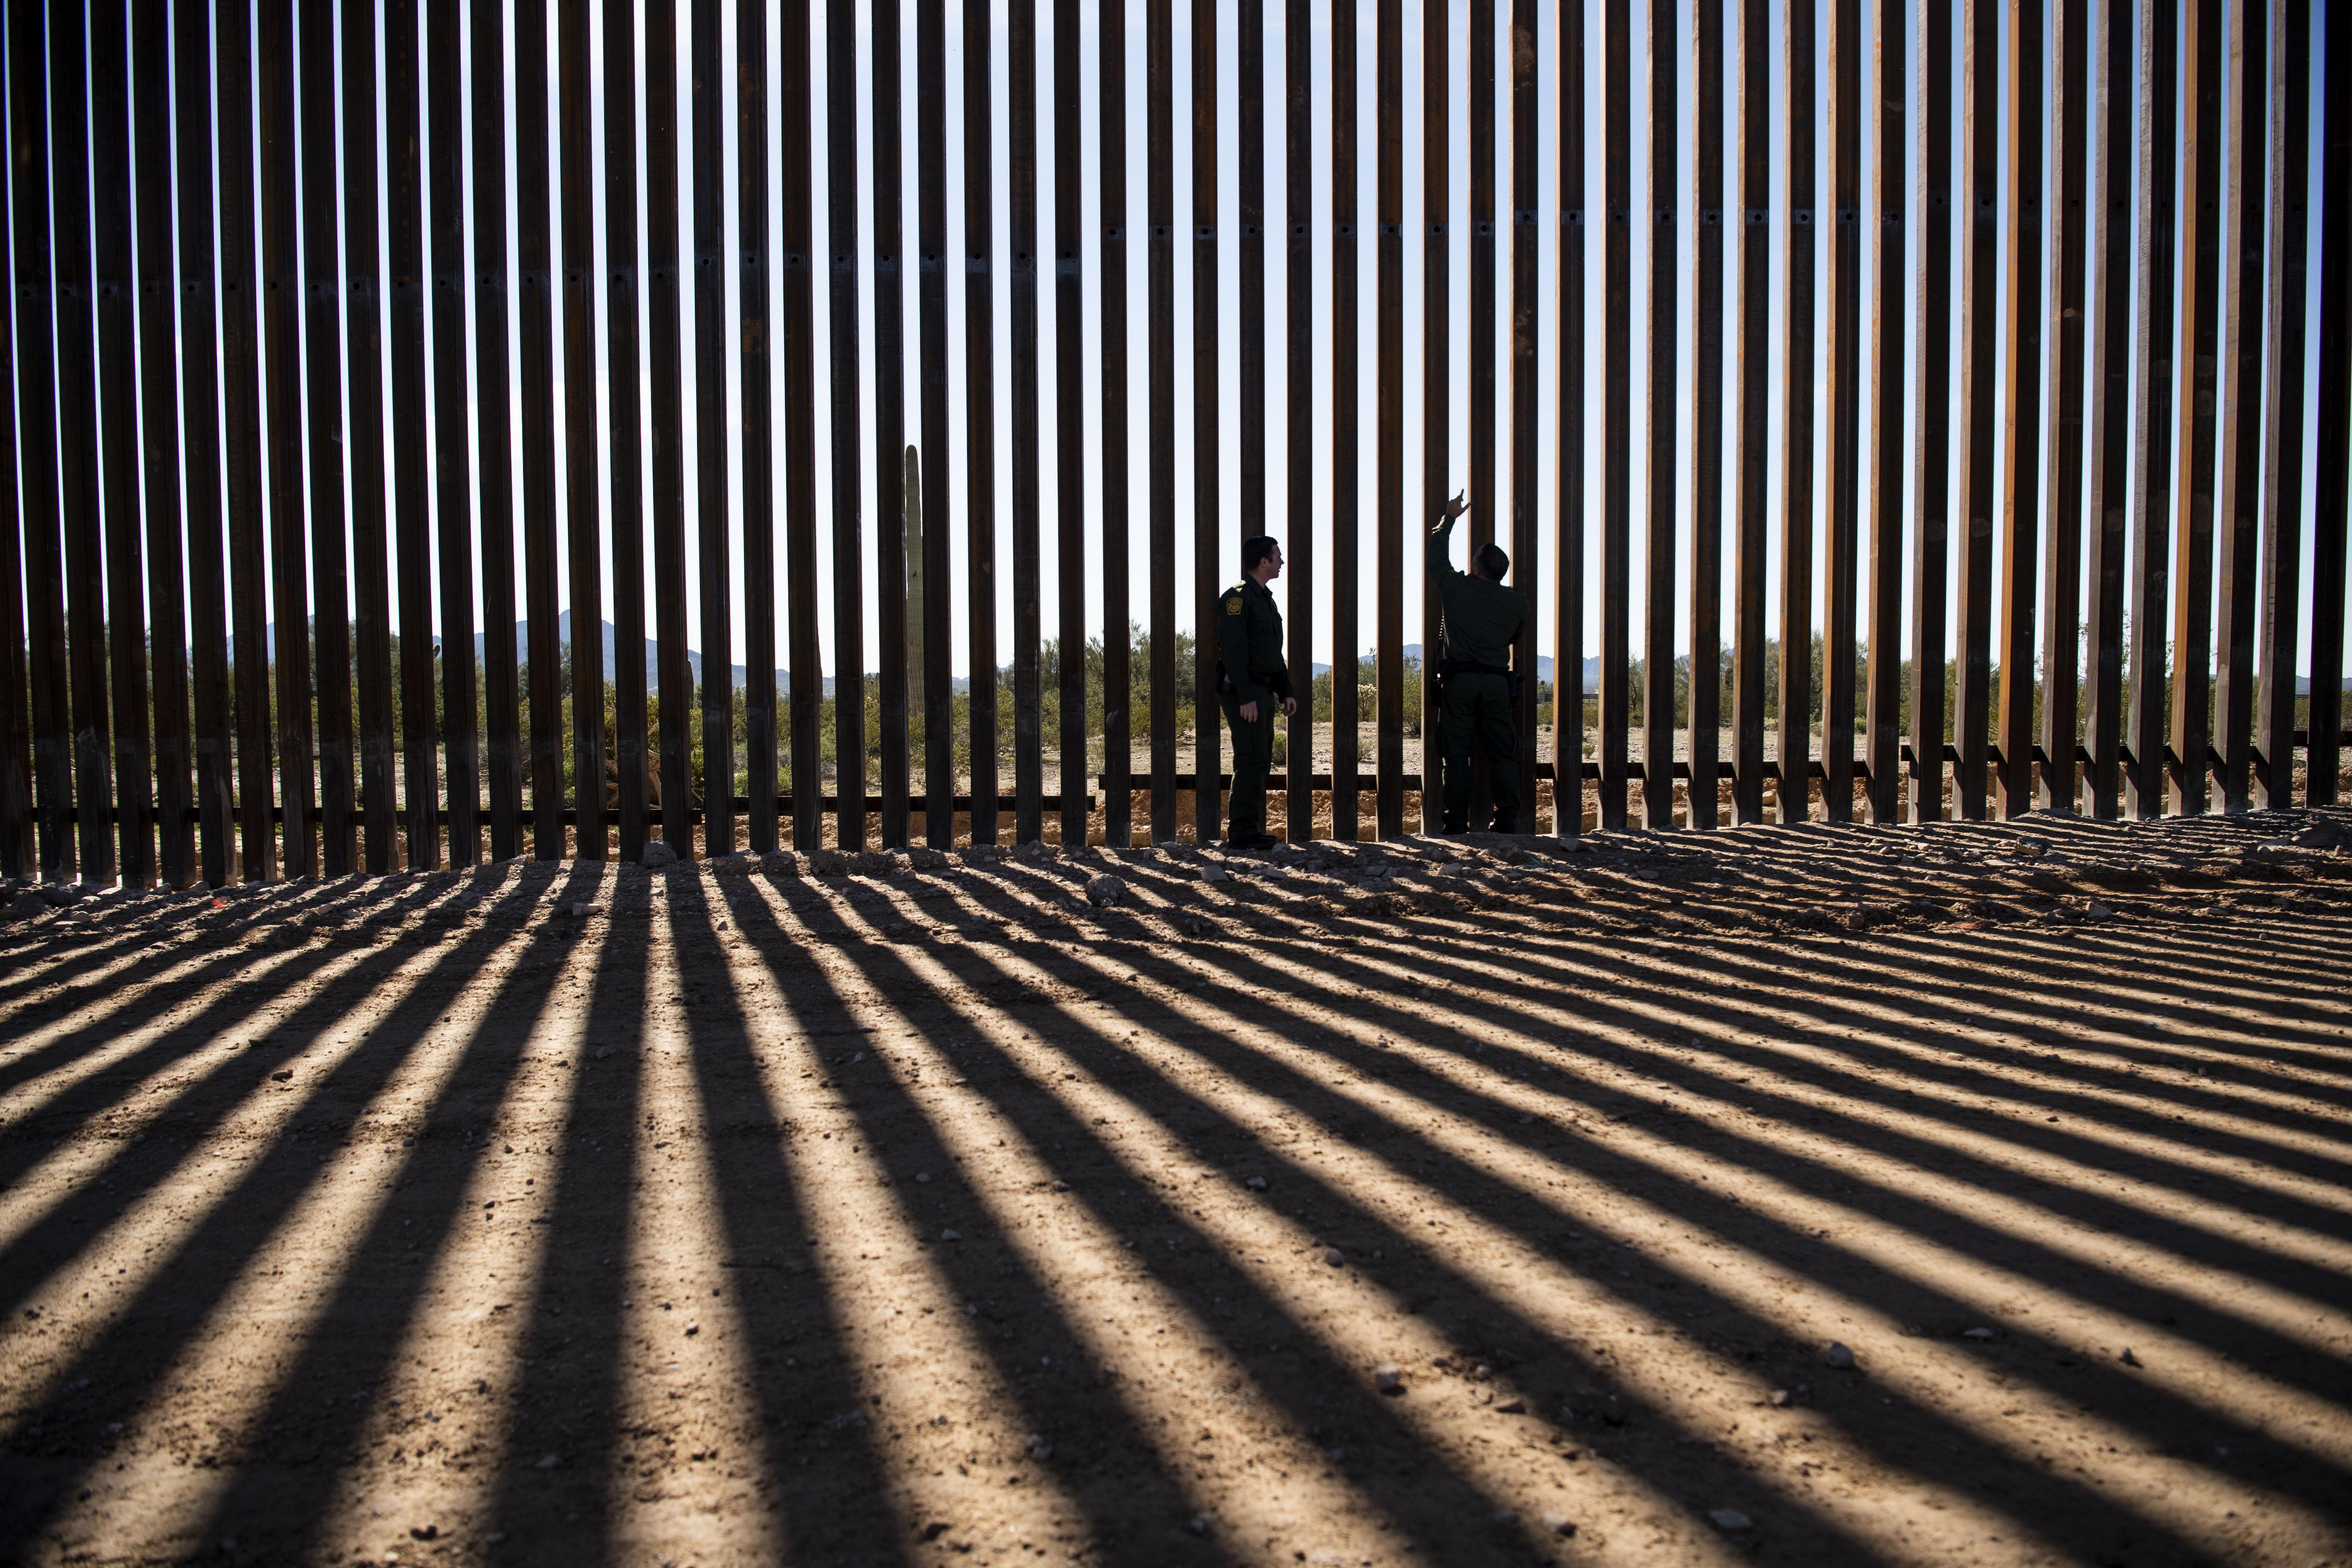 Sitios sagrados indígenas destruidos por el muro de Trump en Arizona